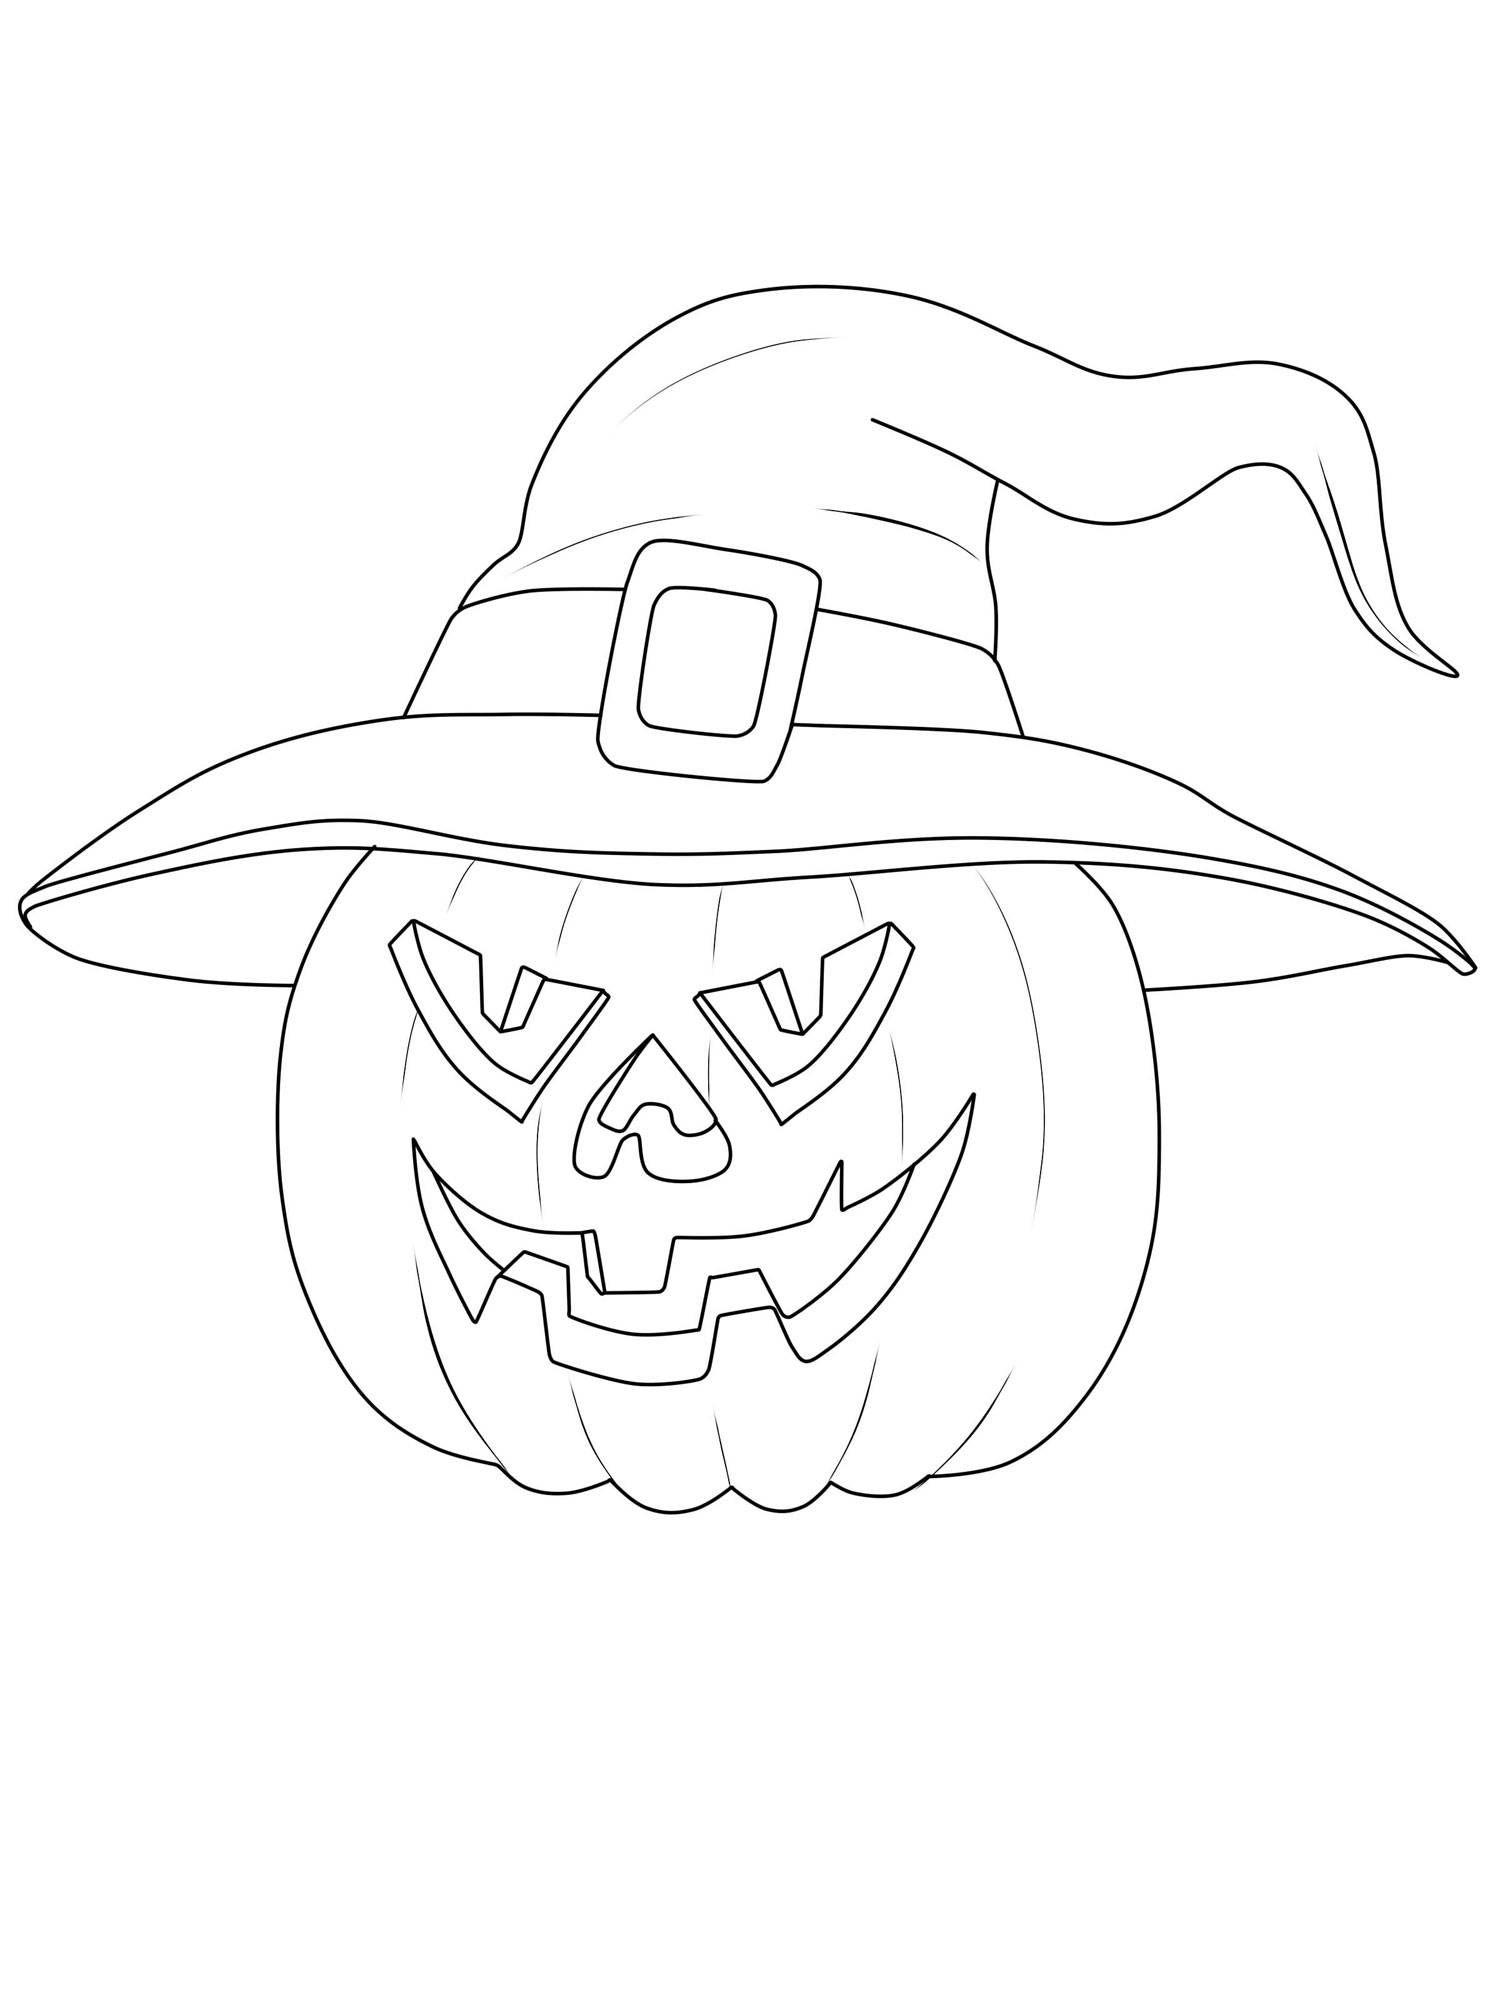 Ausmalbild Halloween Kurbis Hexe Ausmalen Kostenlos Ausdrucken Malvorlagen Halloween Halloween Vorlagen Ausdrucken Halloween Ausmalbilder